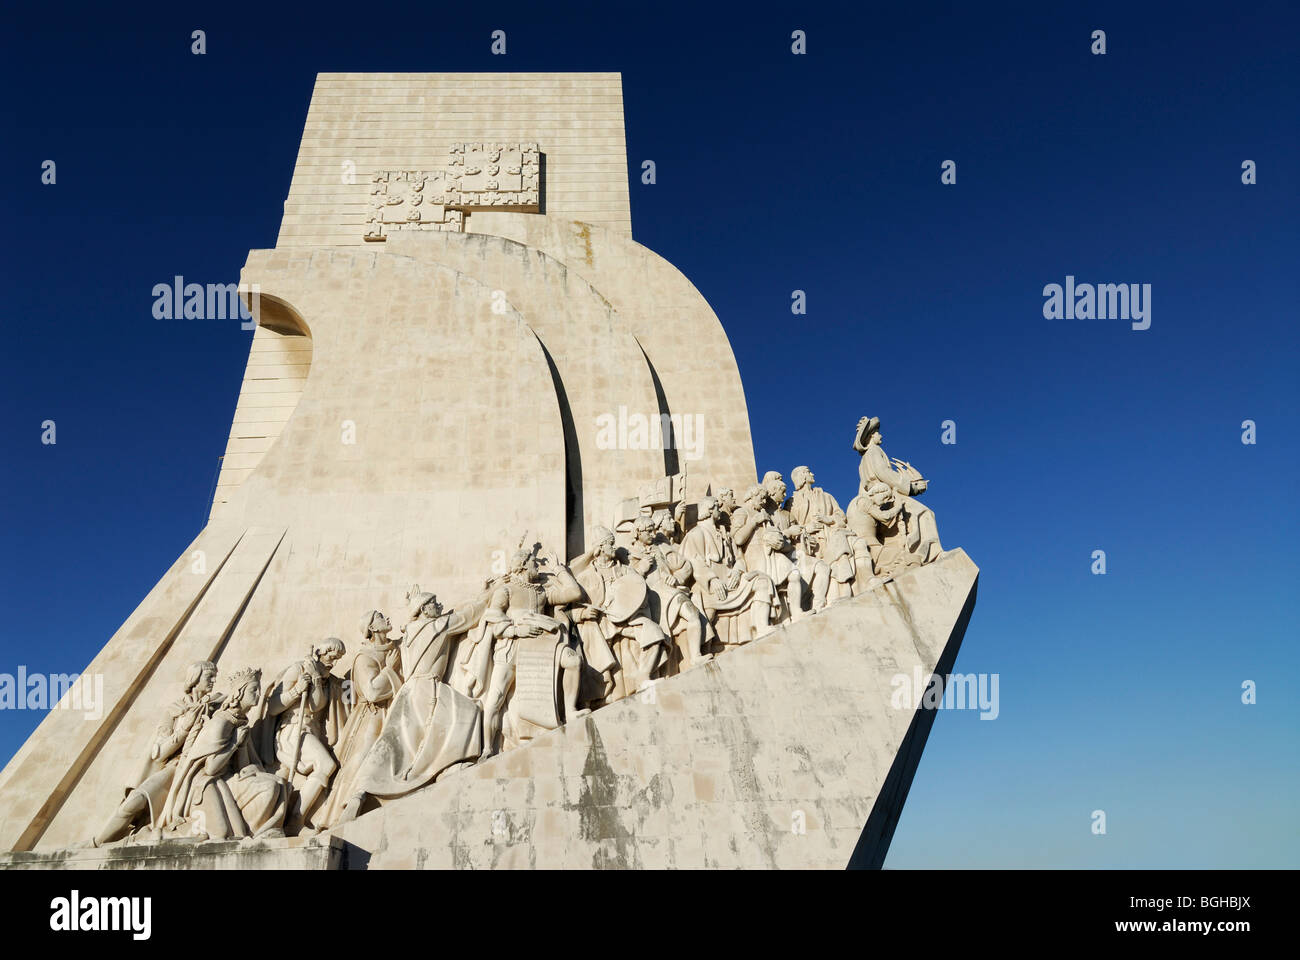 Lisbona. Il Portogallo. Il Monumento delle Scoperte Padrao dos Descobrimentos in Belem. Immagini Stock